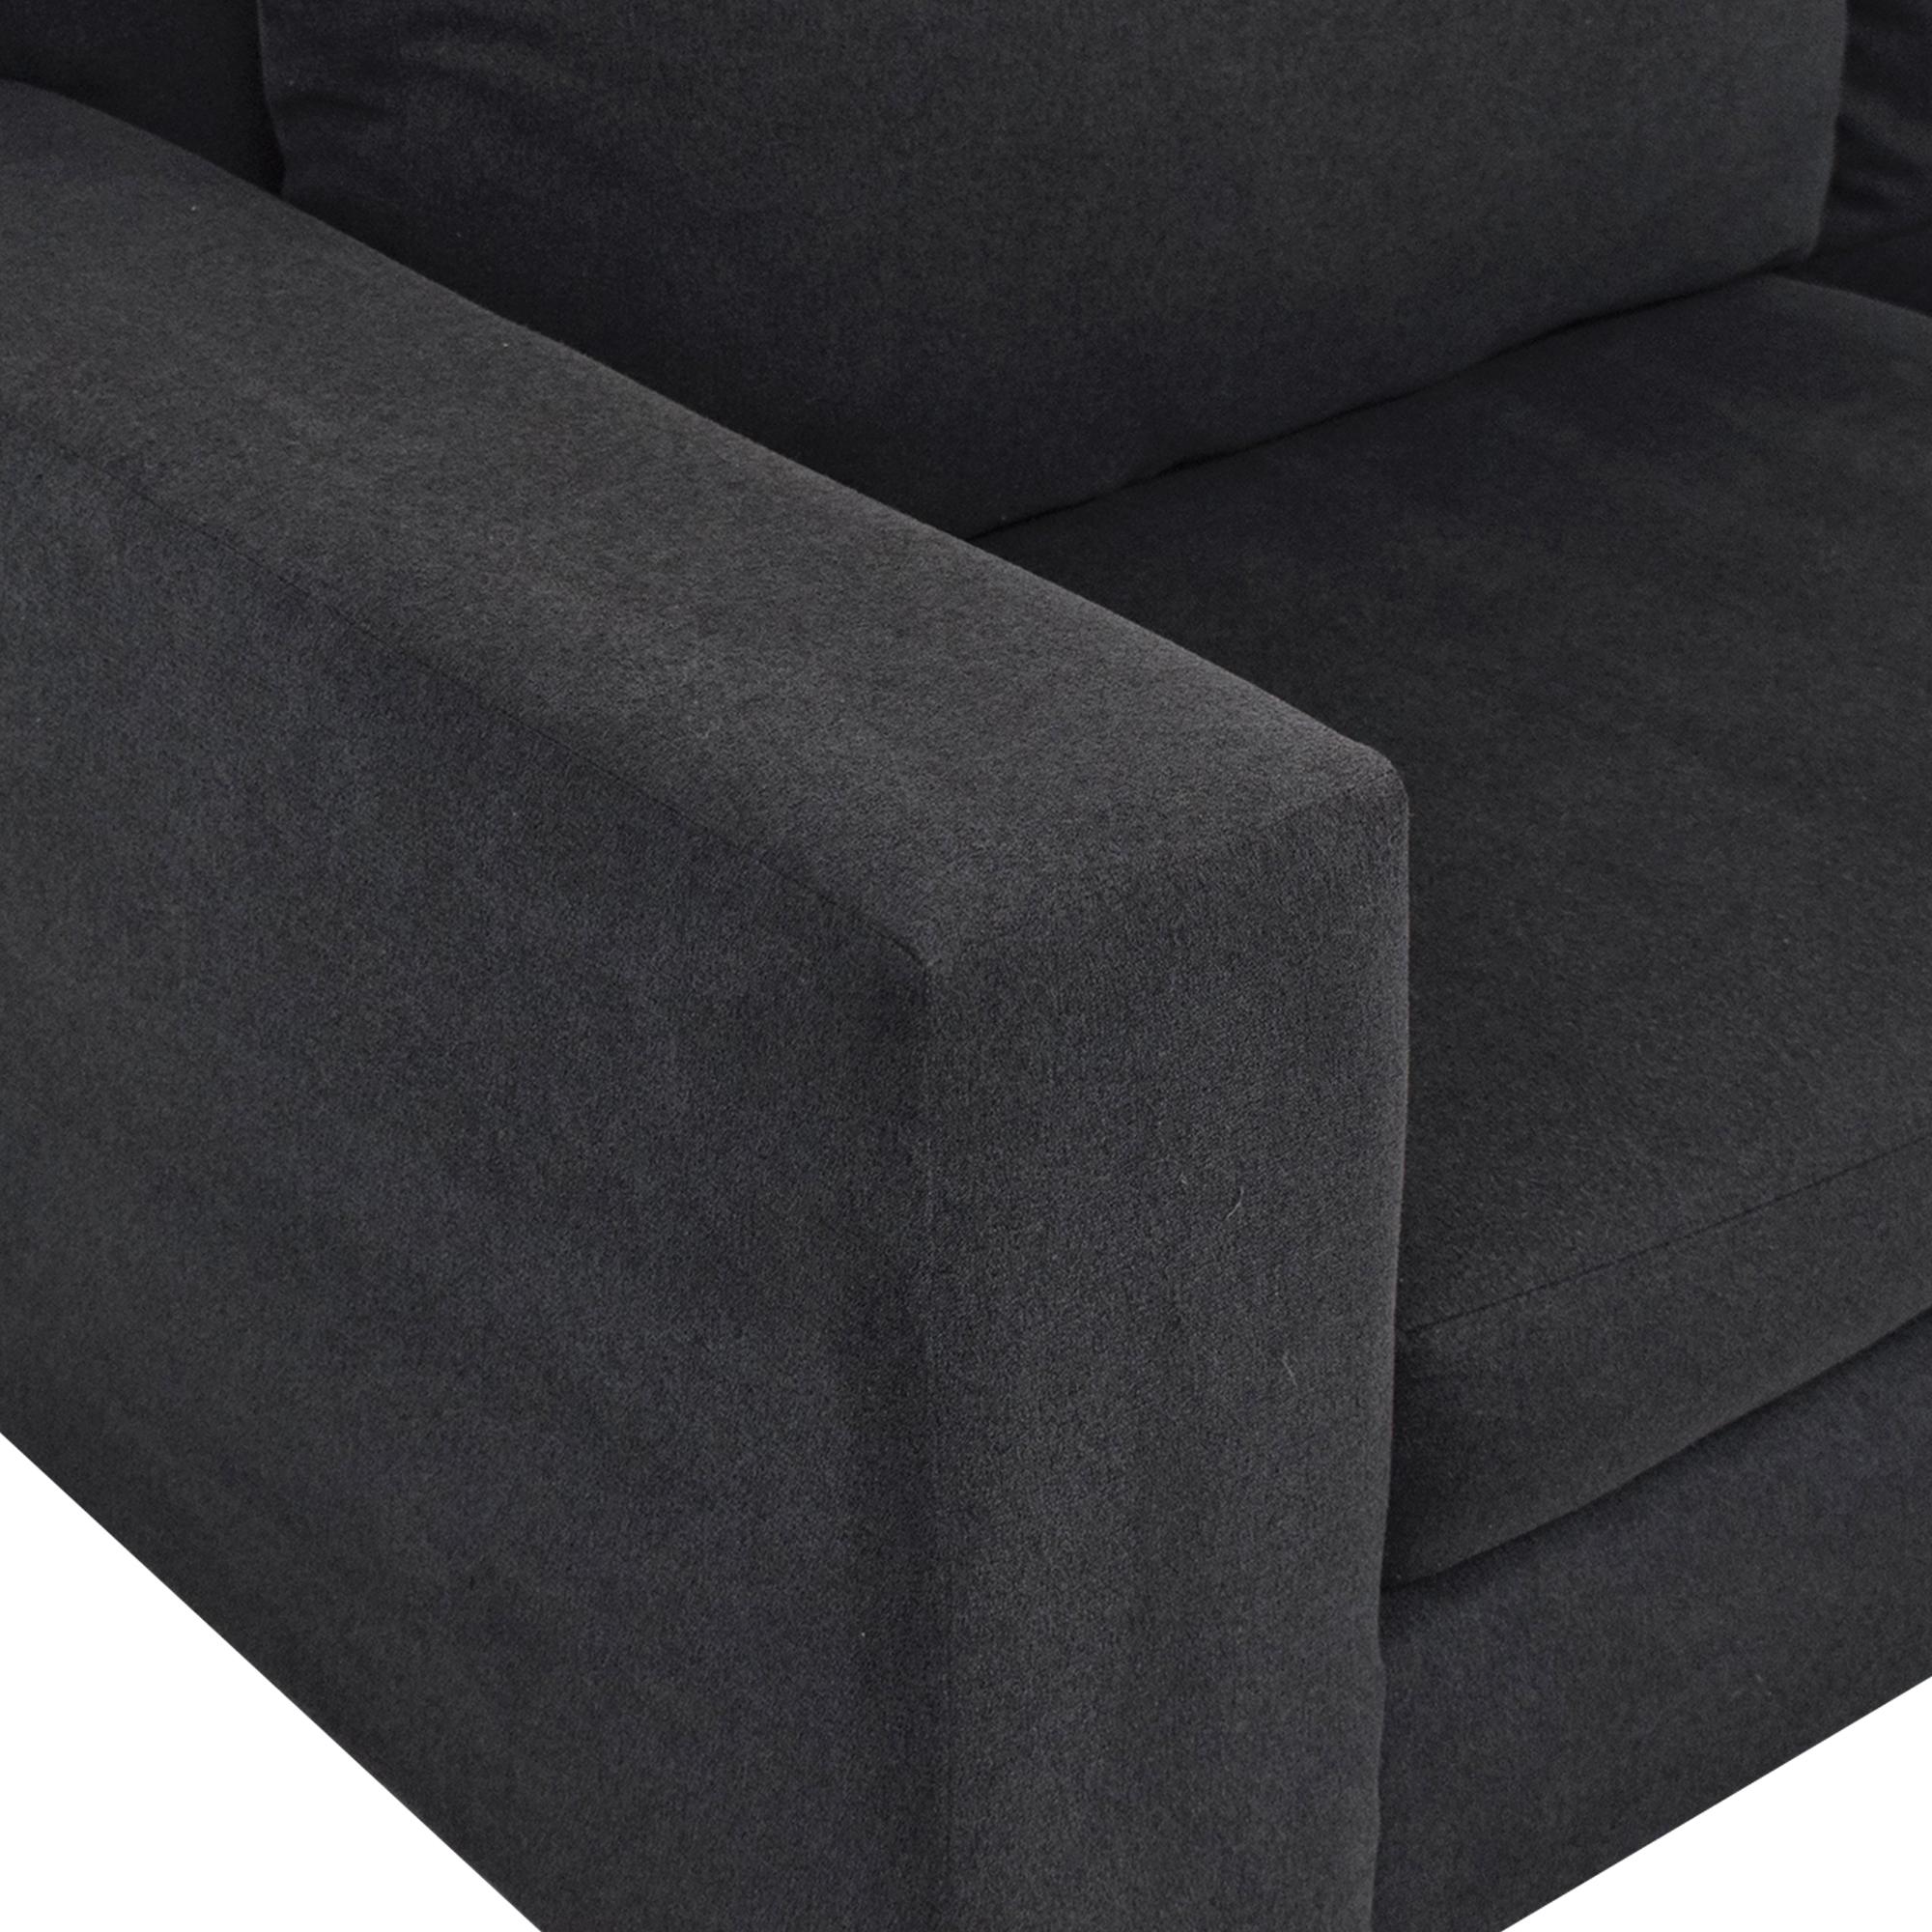 West Elm West Elm York Grey Two-Cushion Sofa nyc